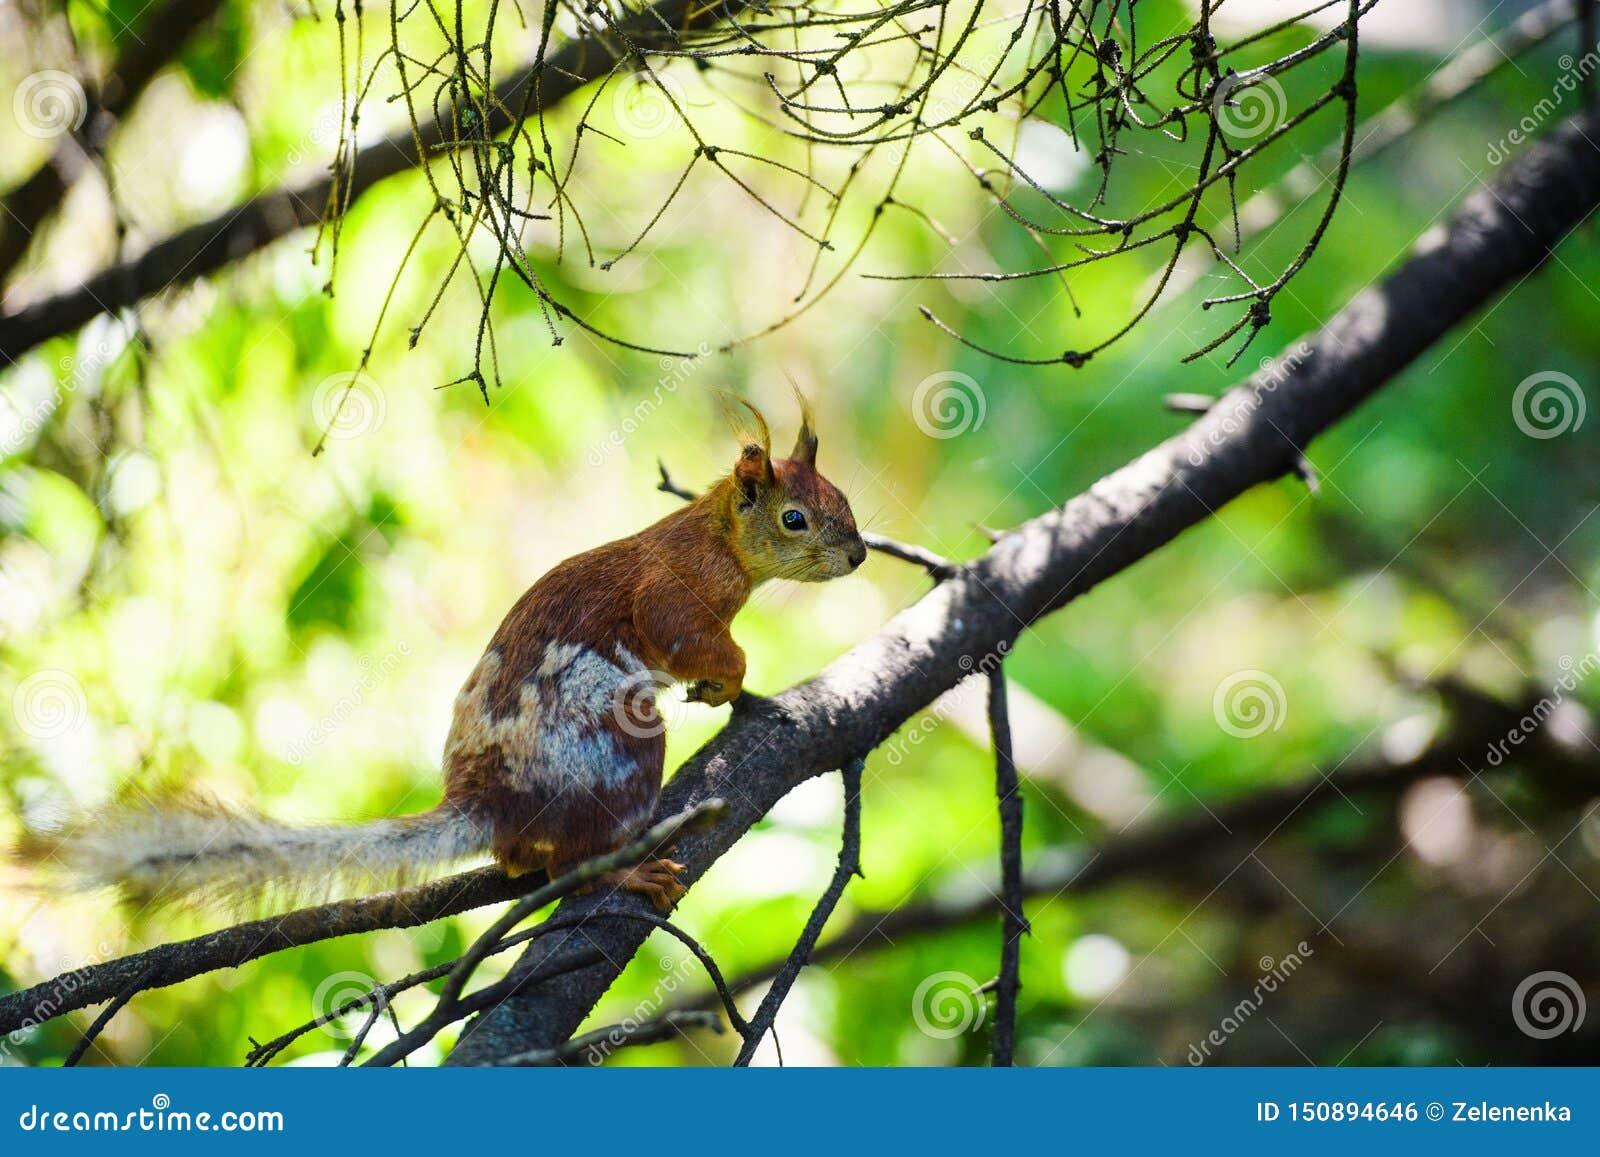 Porträt des Eichhörnchens sitzend auf einer Niederlassung